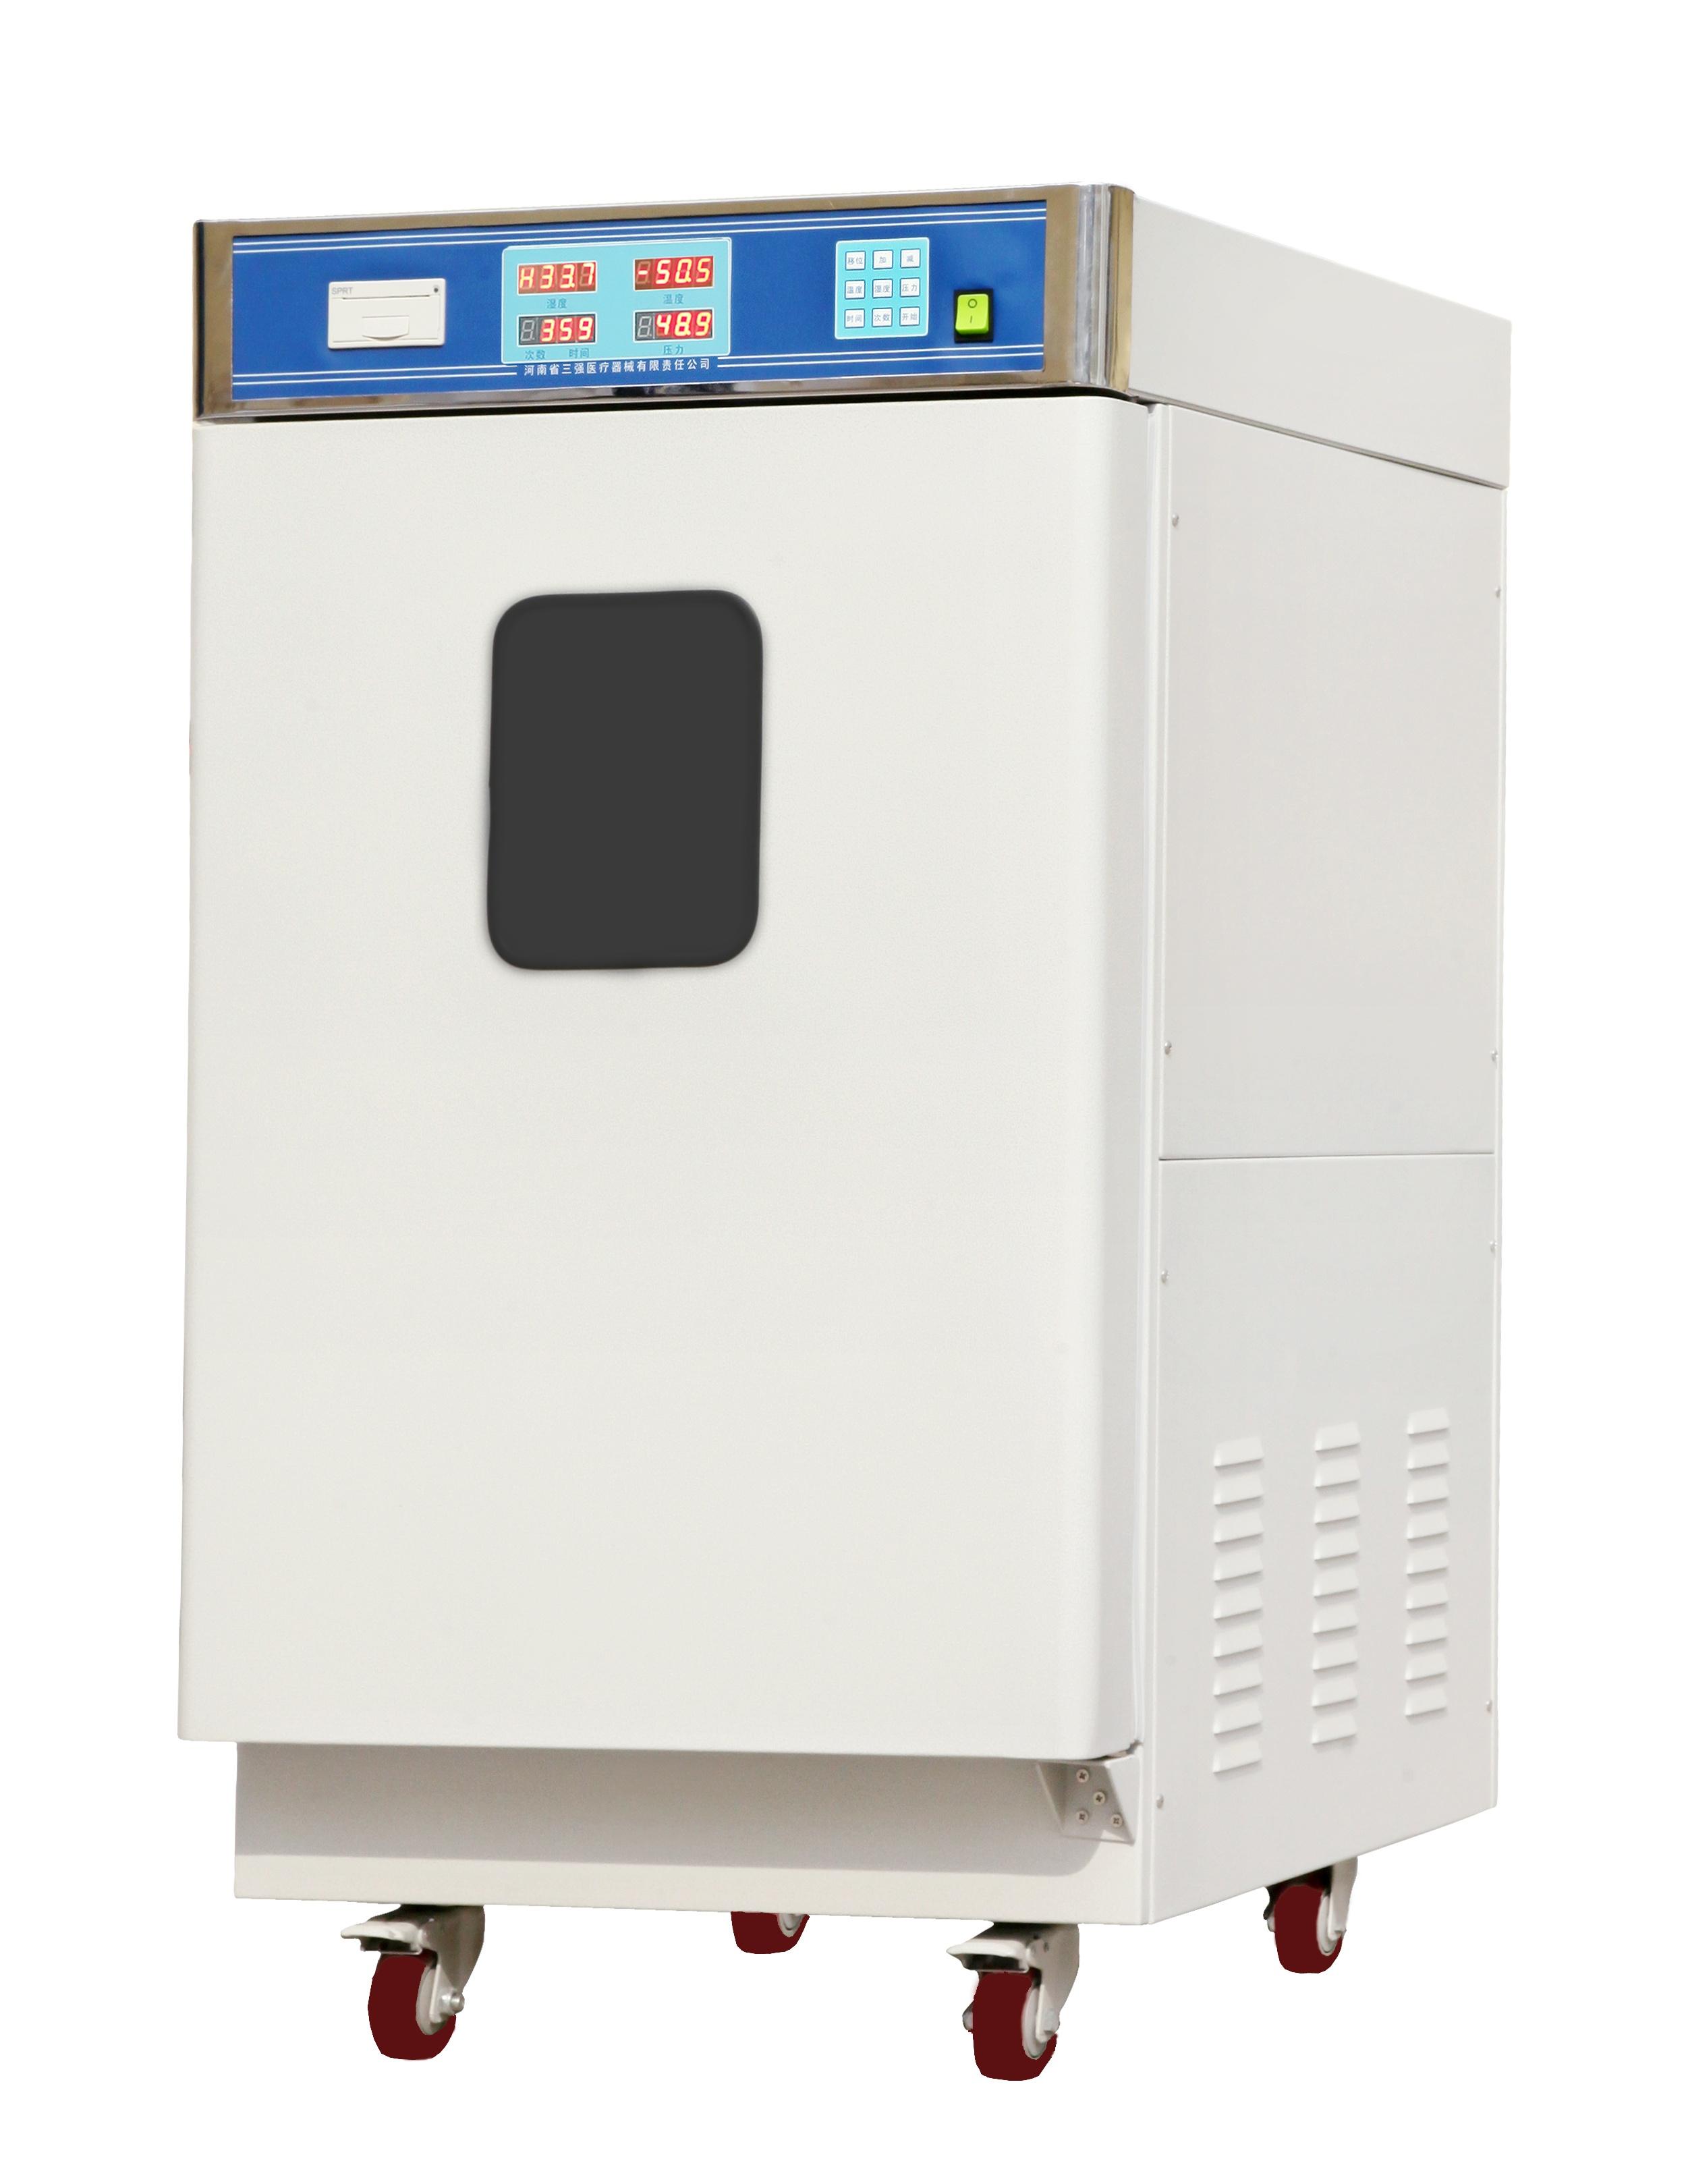 环氧乙烷灭菌器的工作介绍